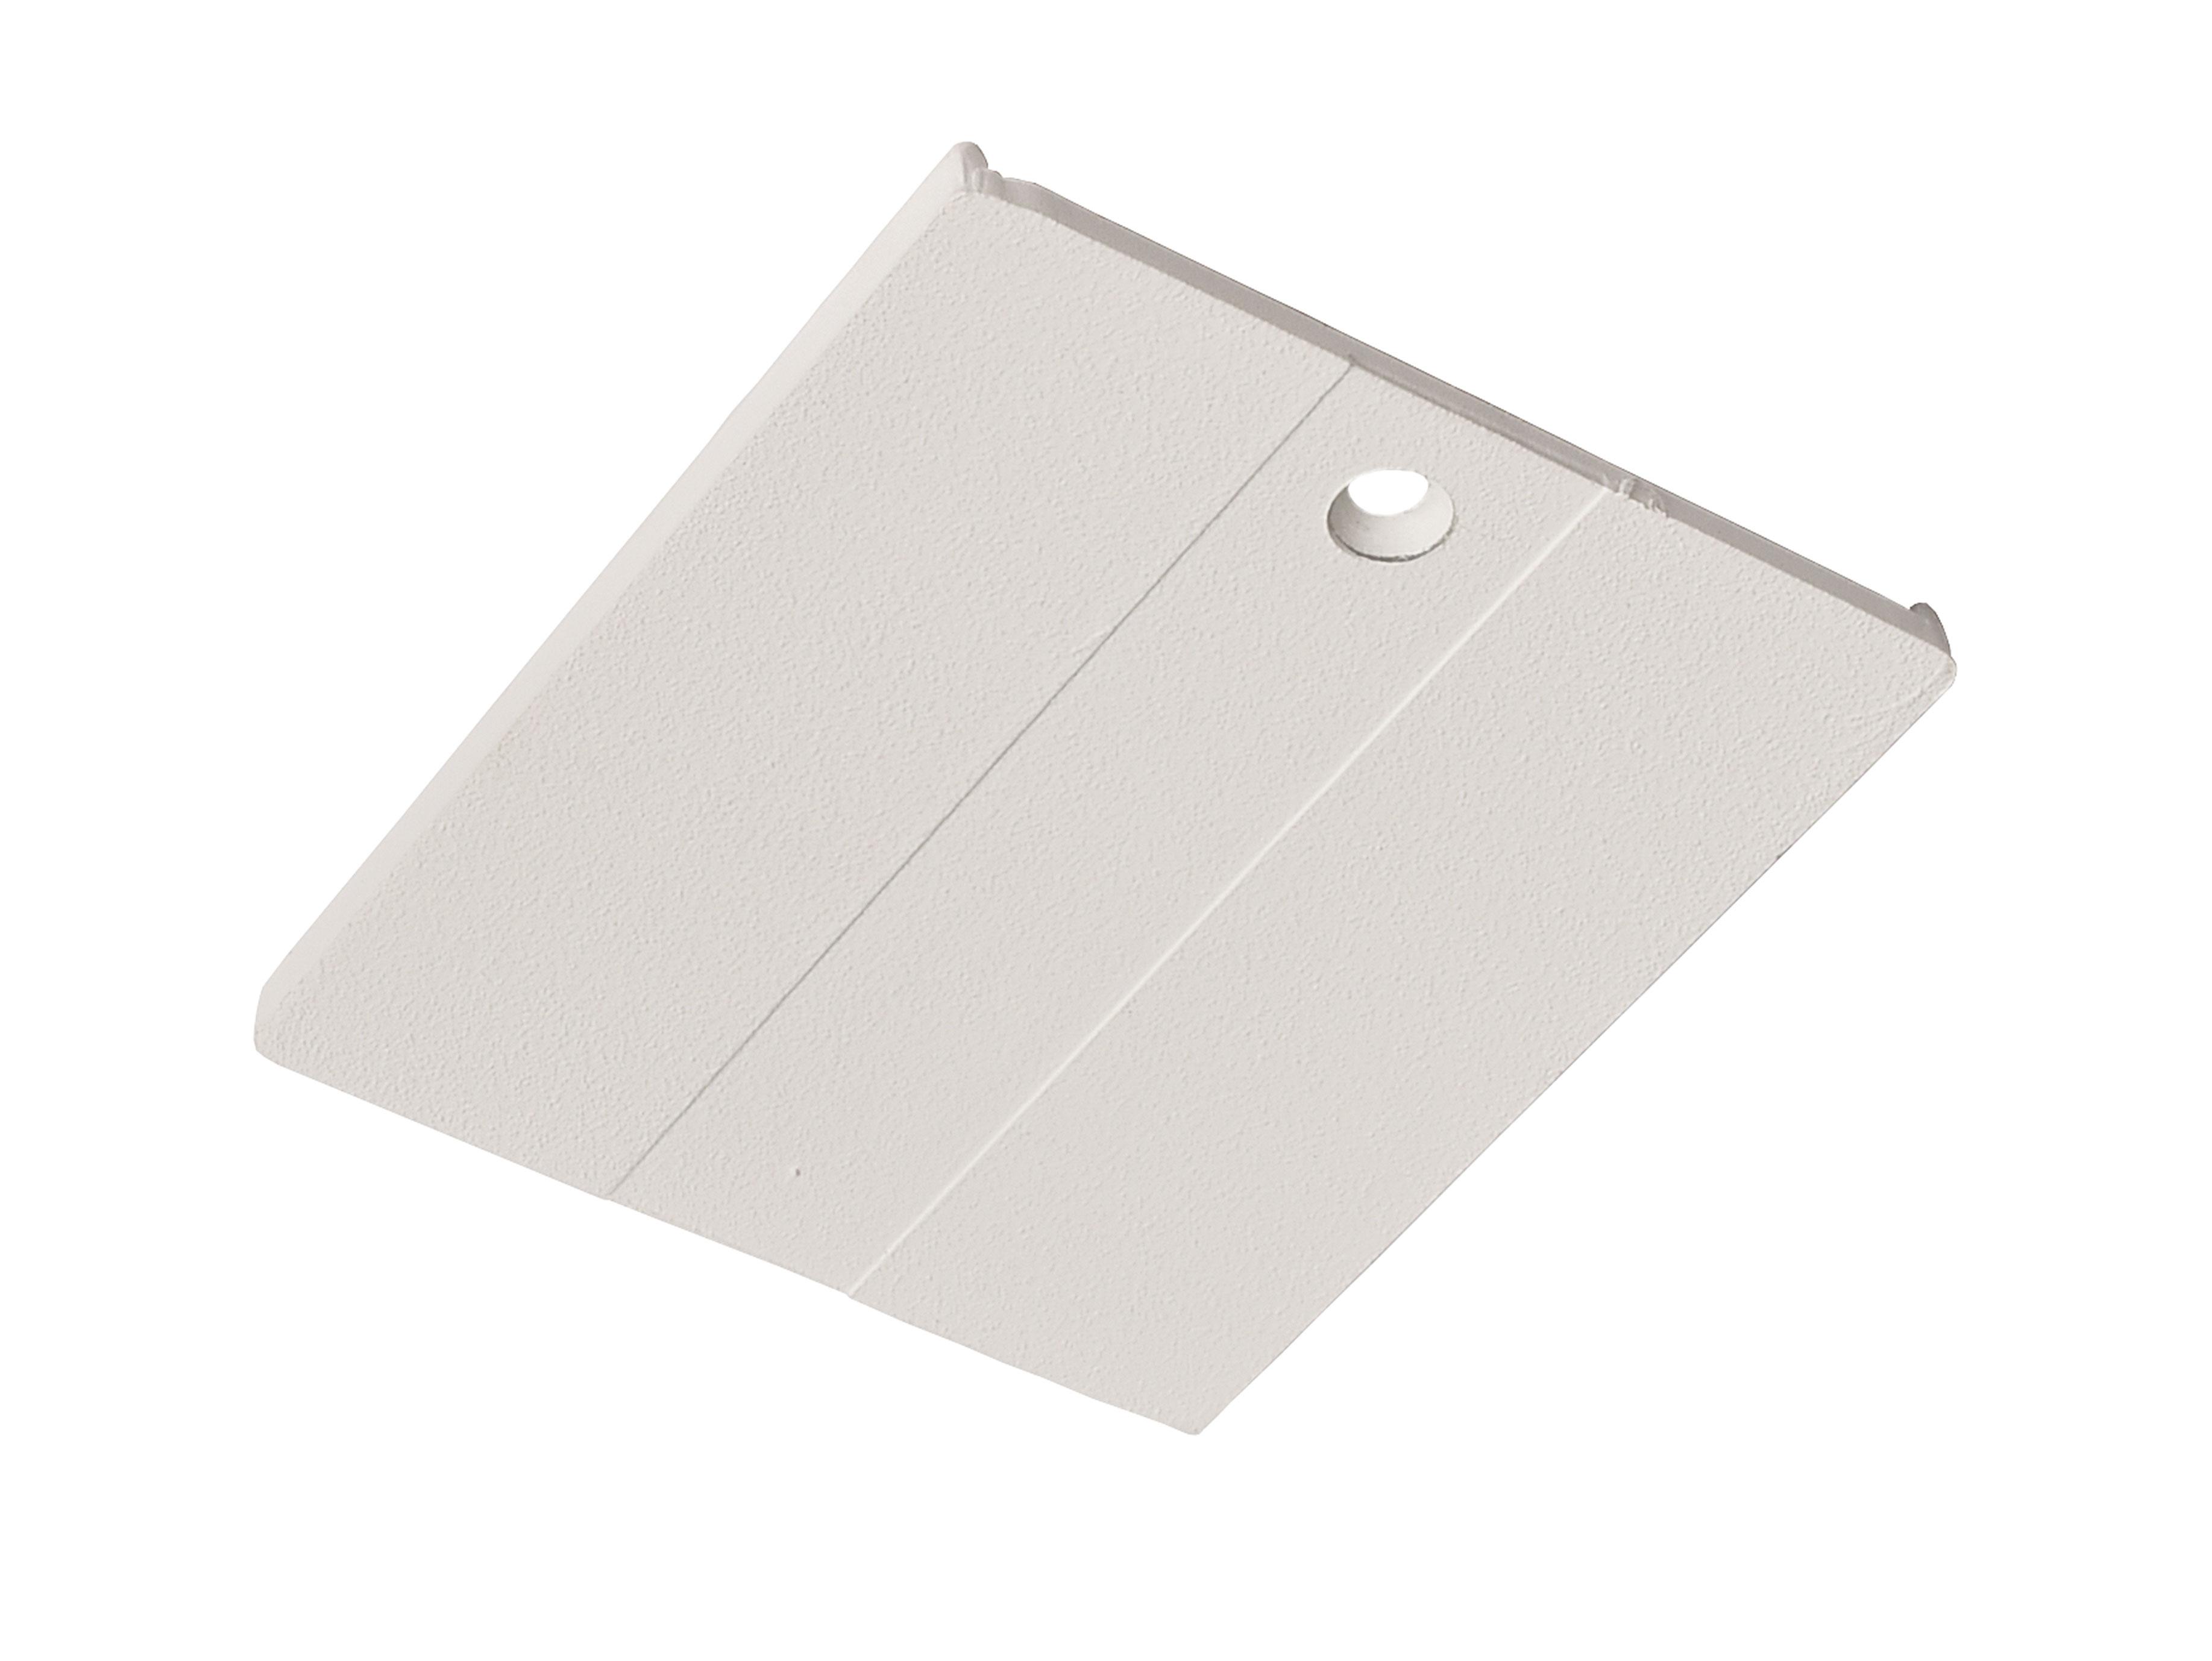 710072 Abdeckplatte Einspeiser